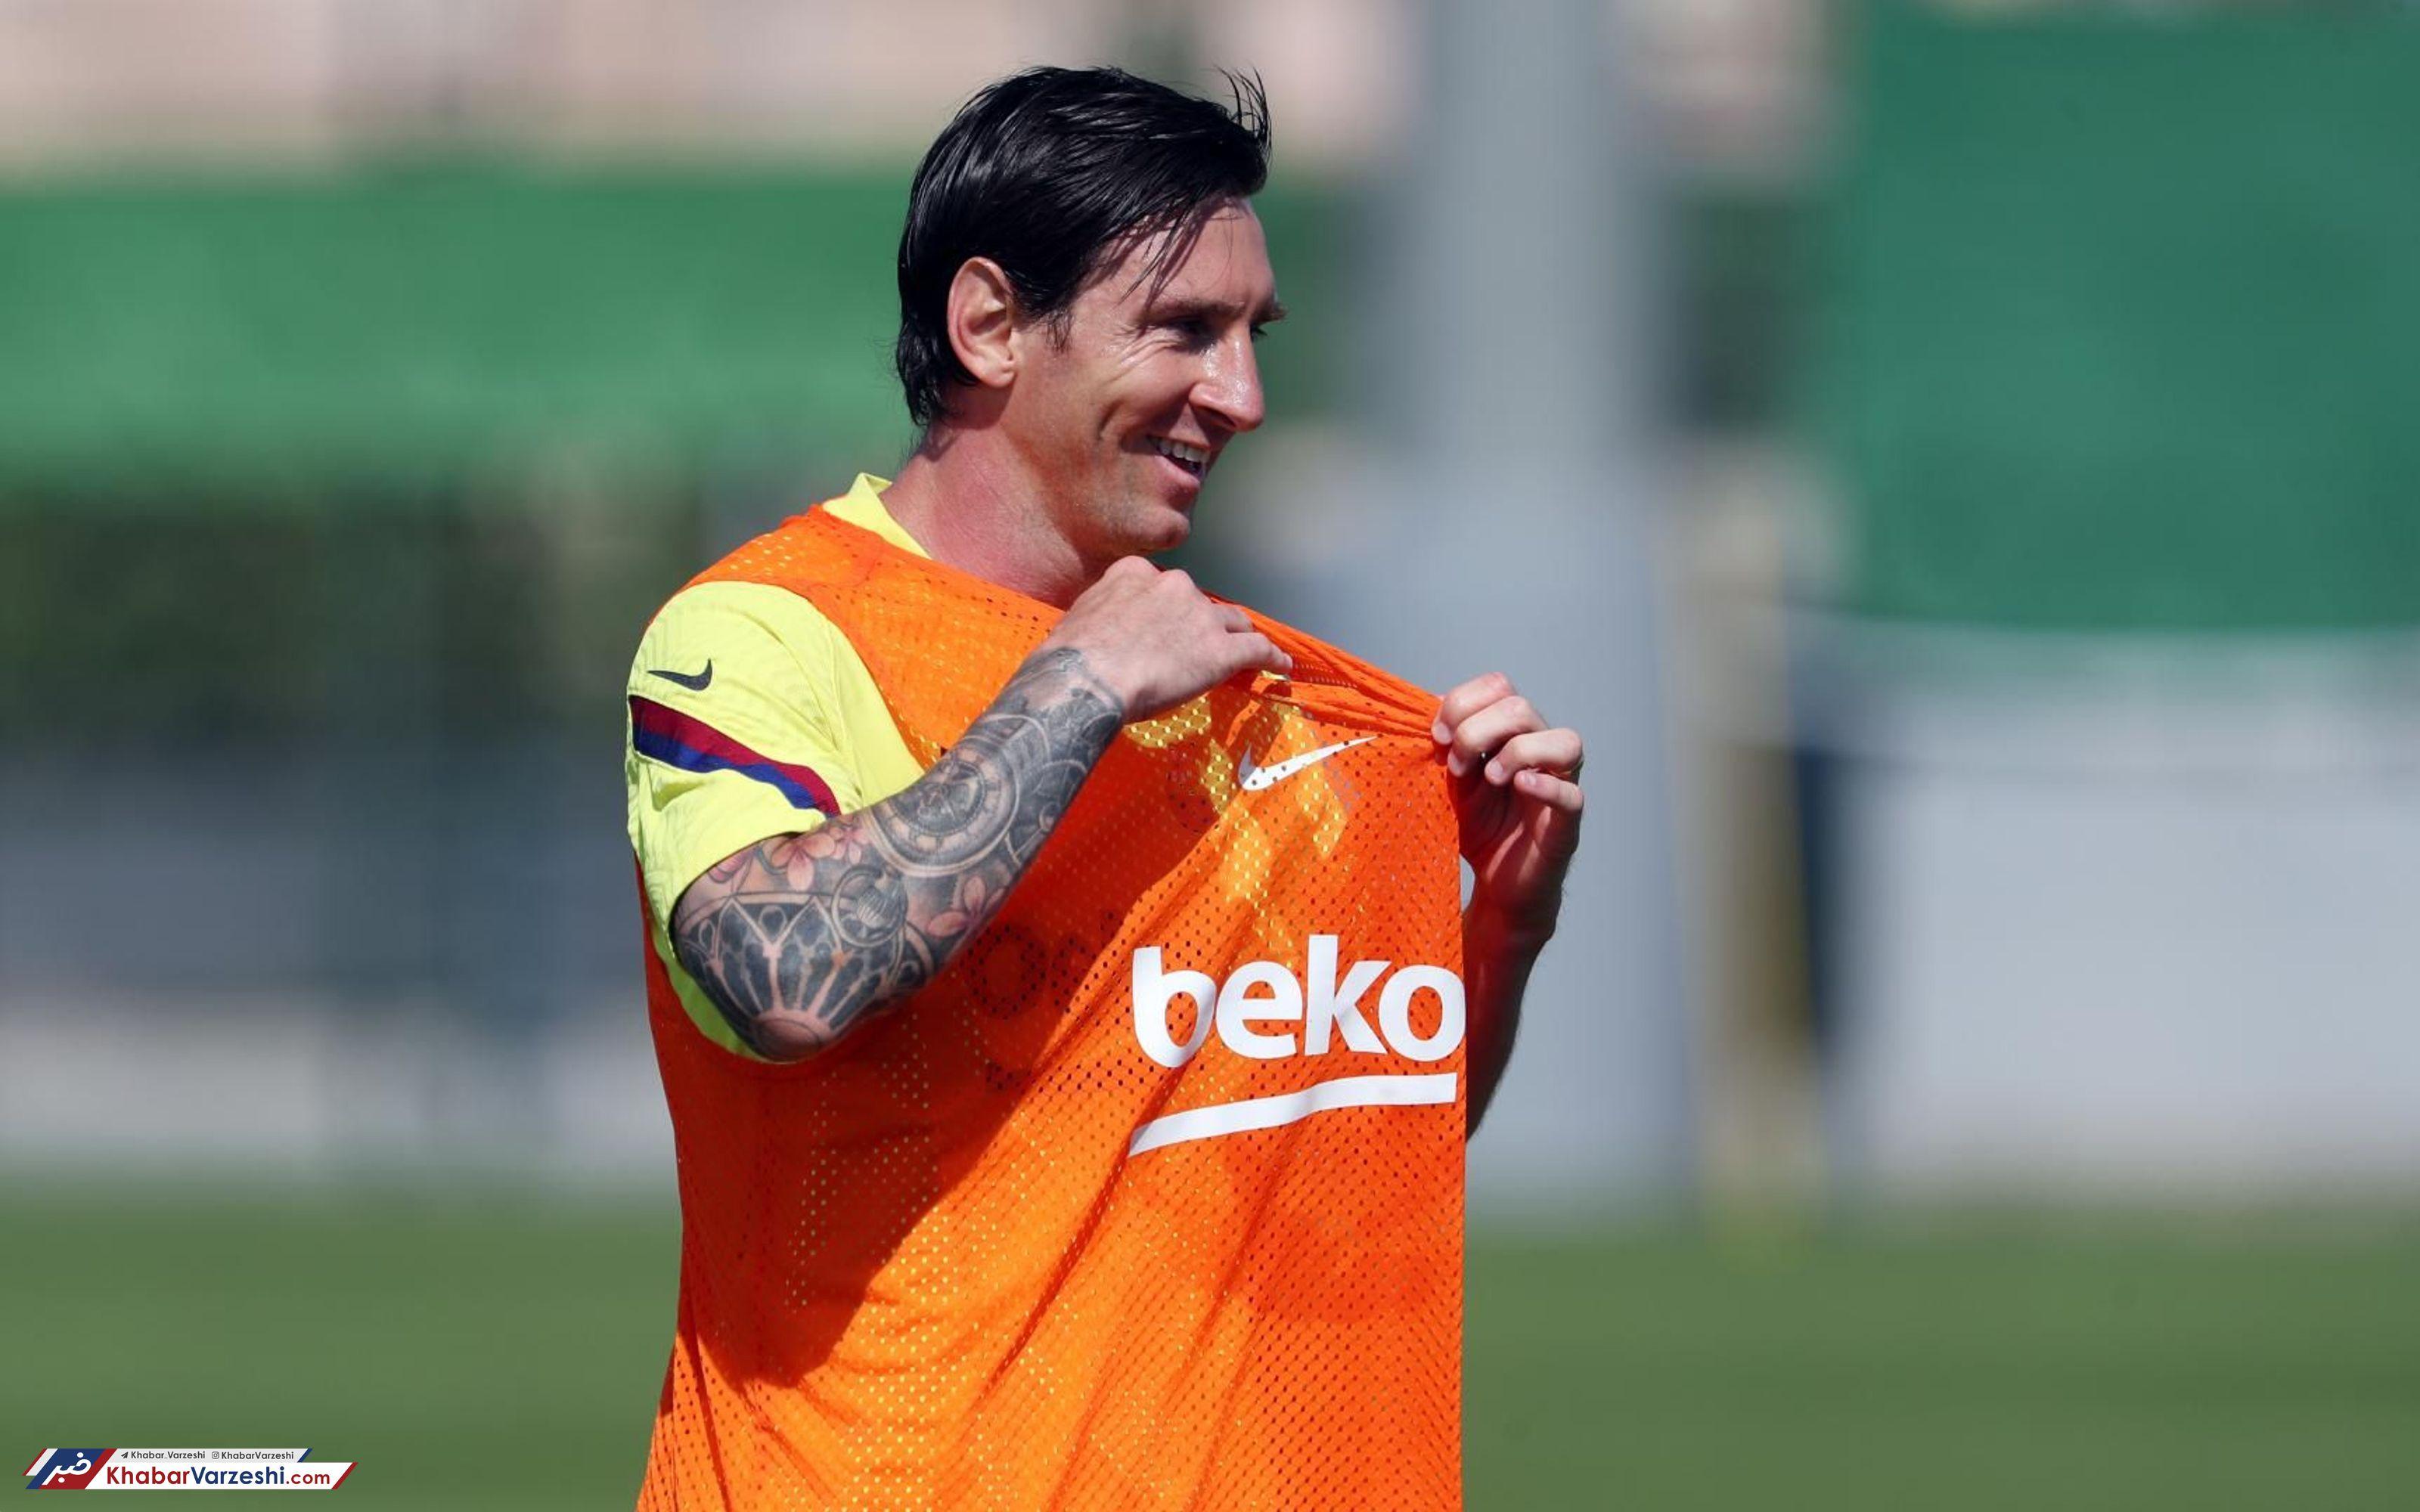 گزارش تصویری حضور لیونل مسی در تمرینات بارسلونا با ظاهری جدید